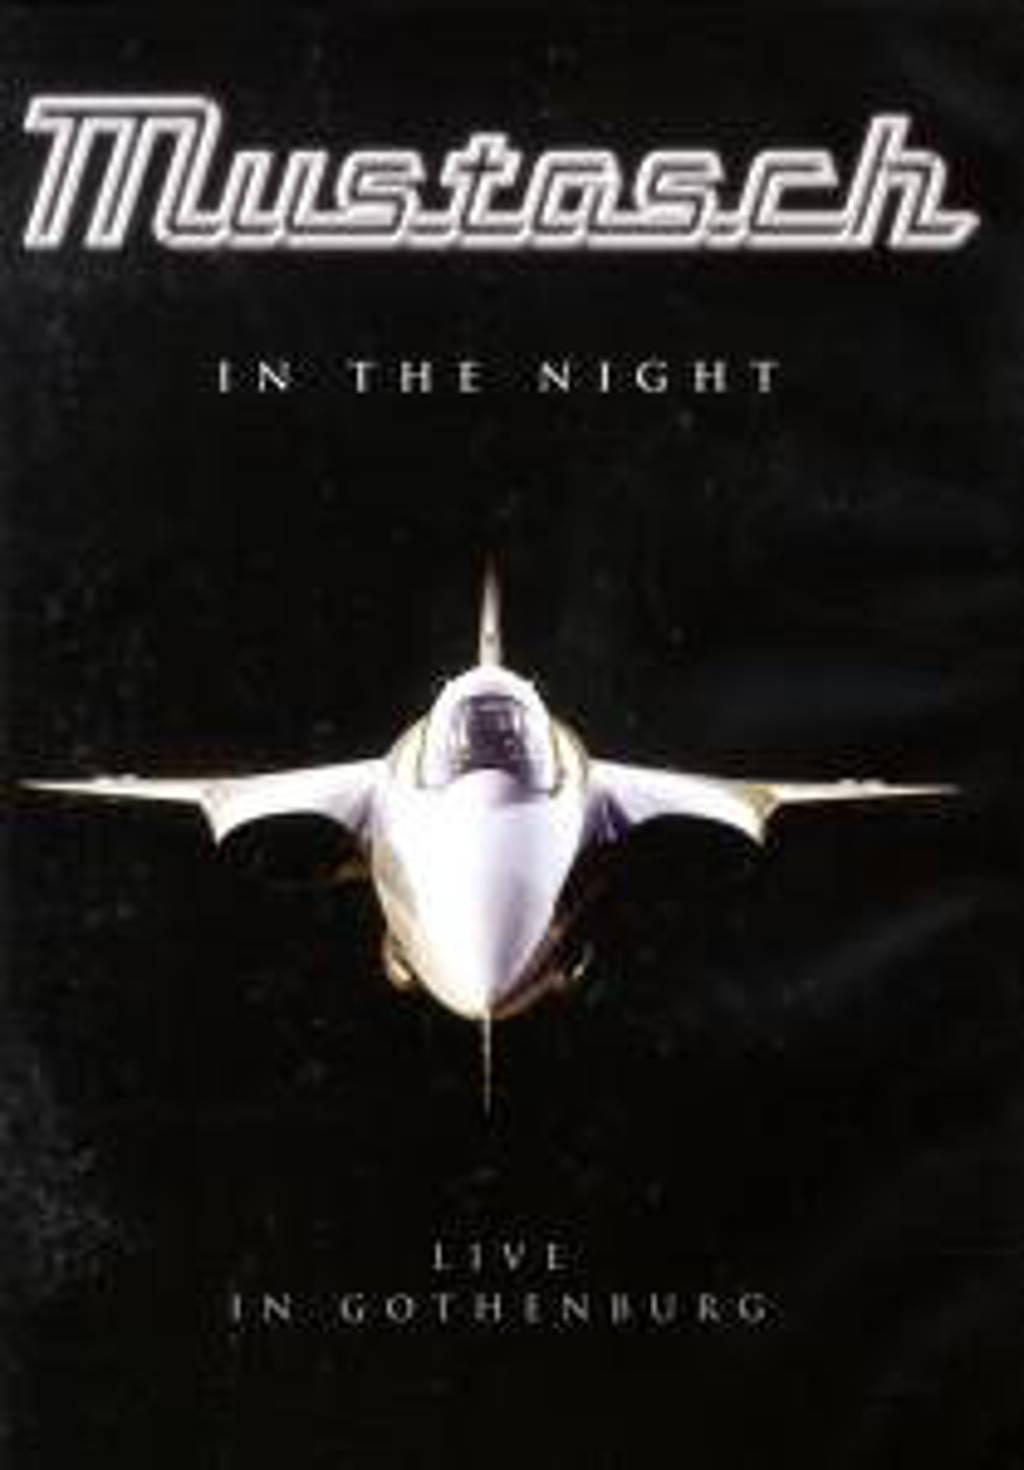 Mustasch - In The Night (DVD)